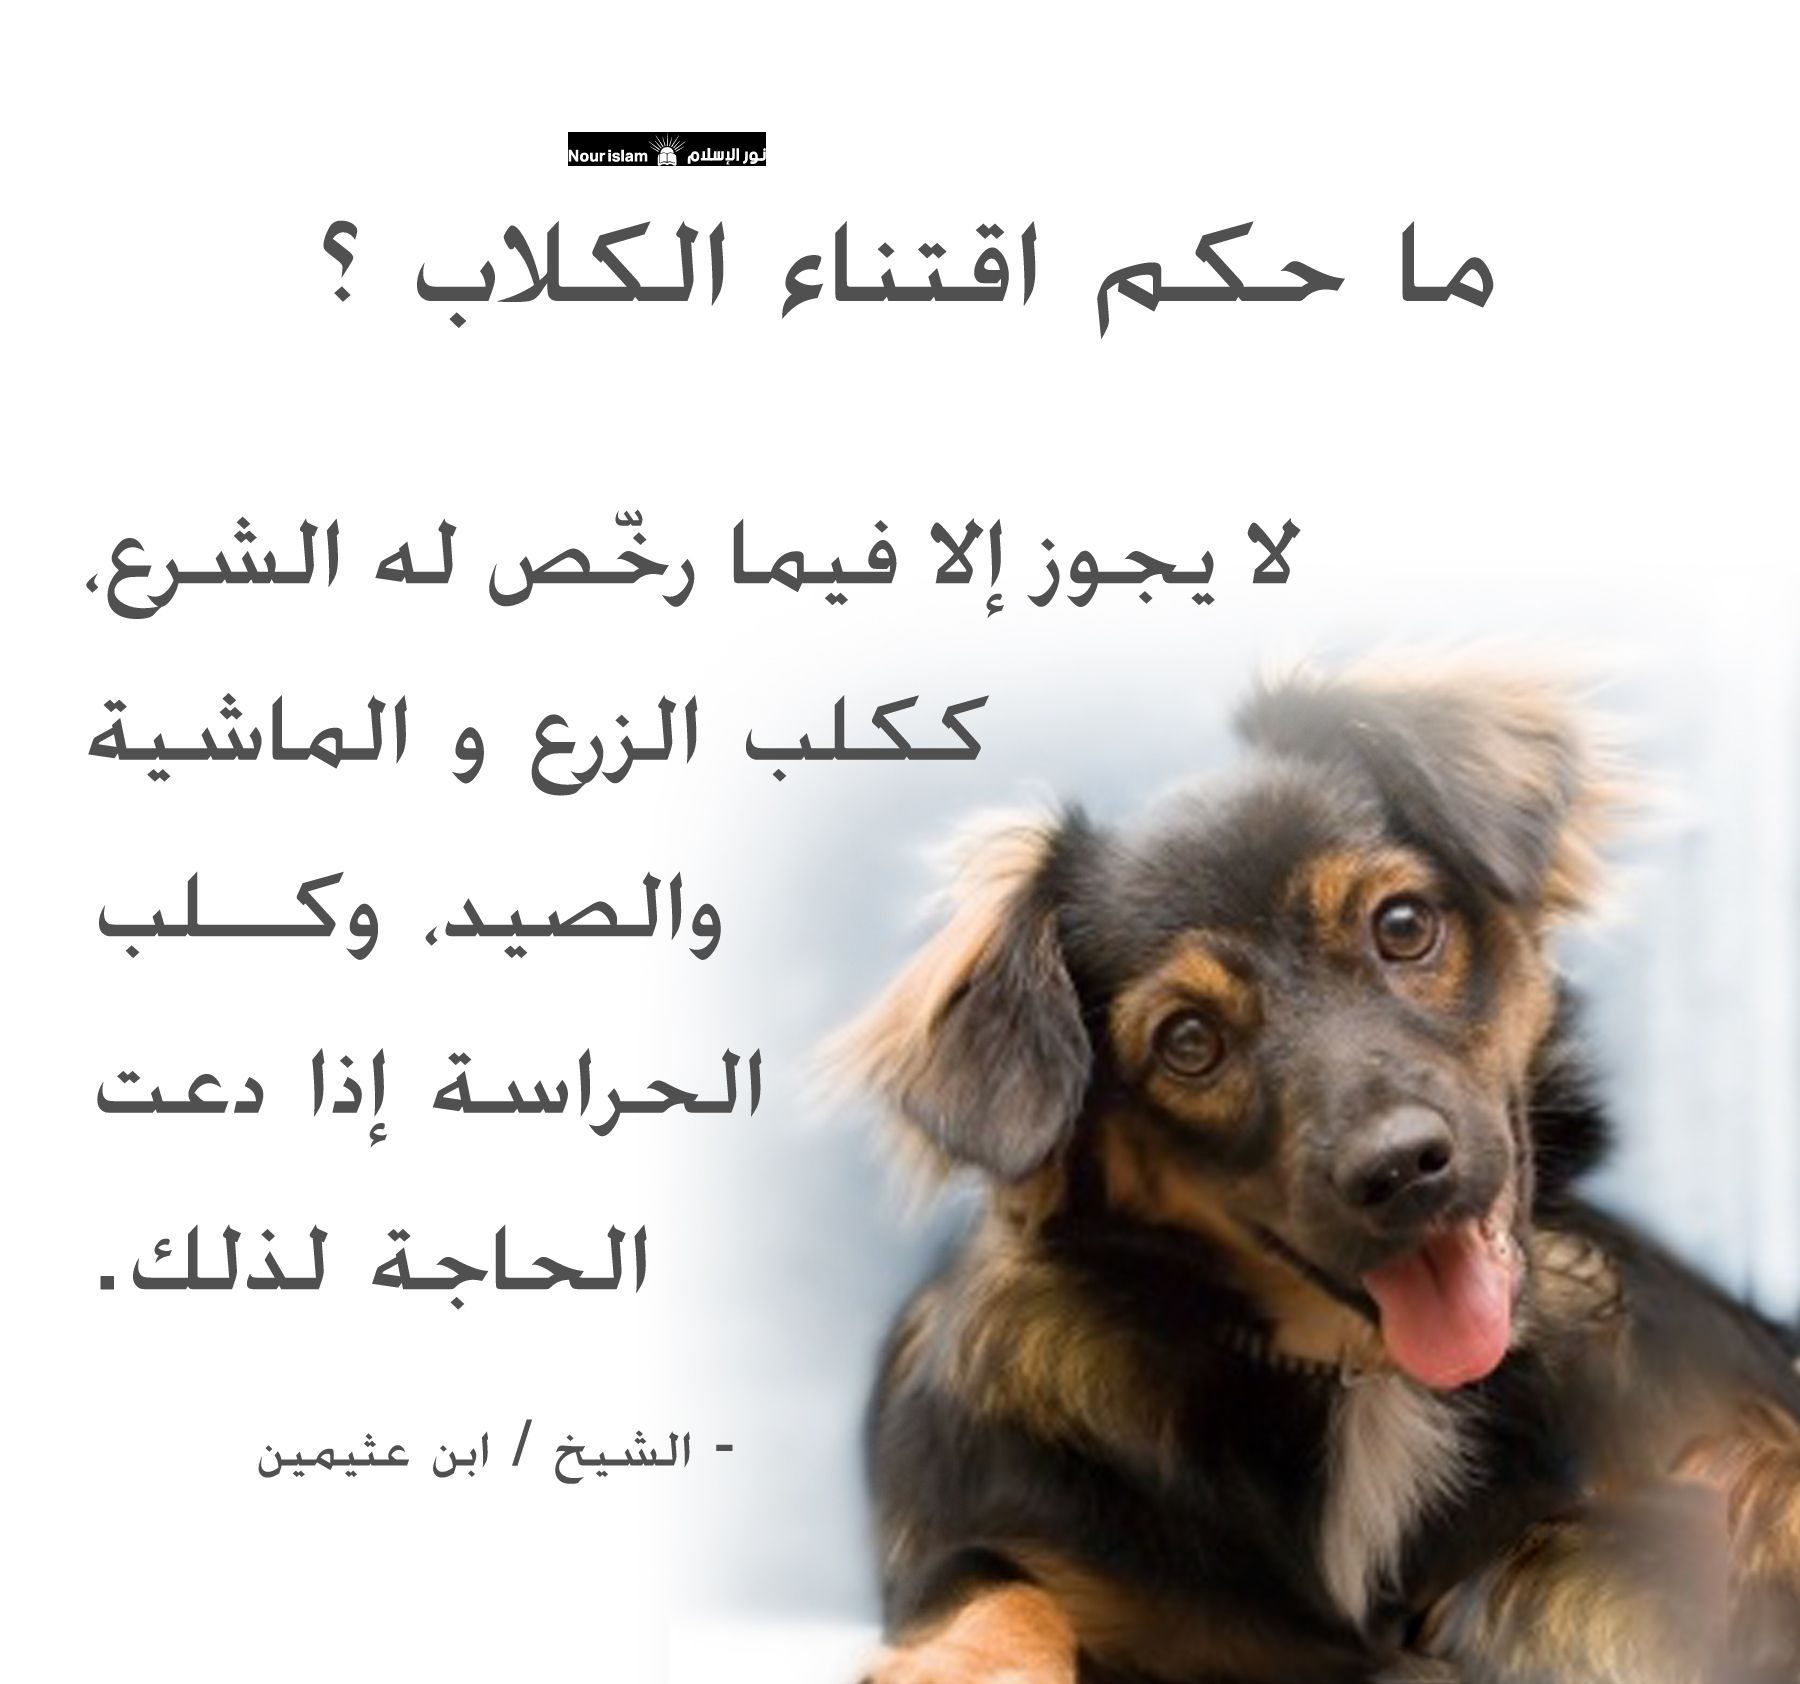 حكم تربية الكلاب في المنزل فتحي الرباعي نور الاسلام حكم تربية الكلاب في المنزل فتحي الرباعي